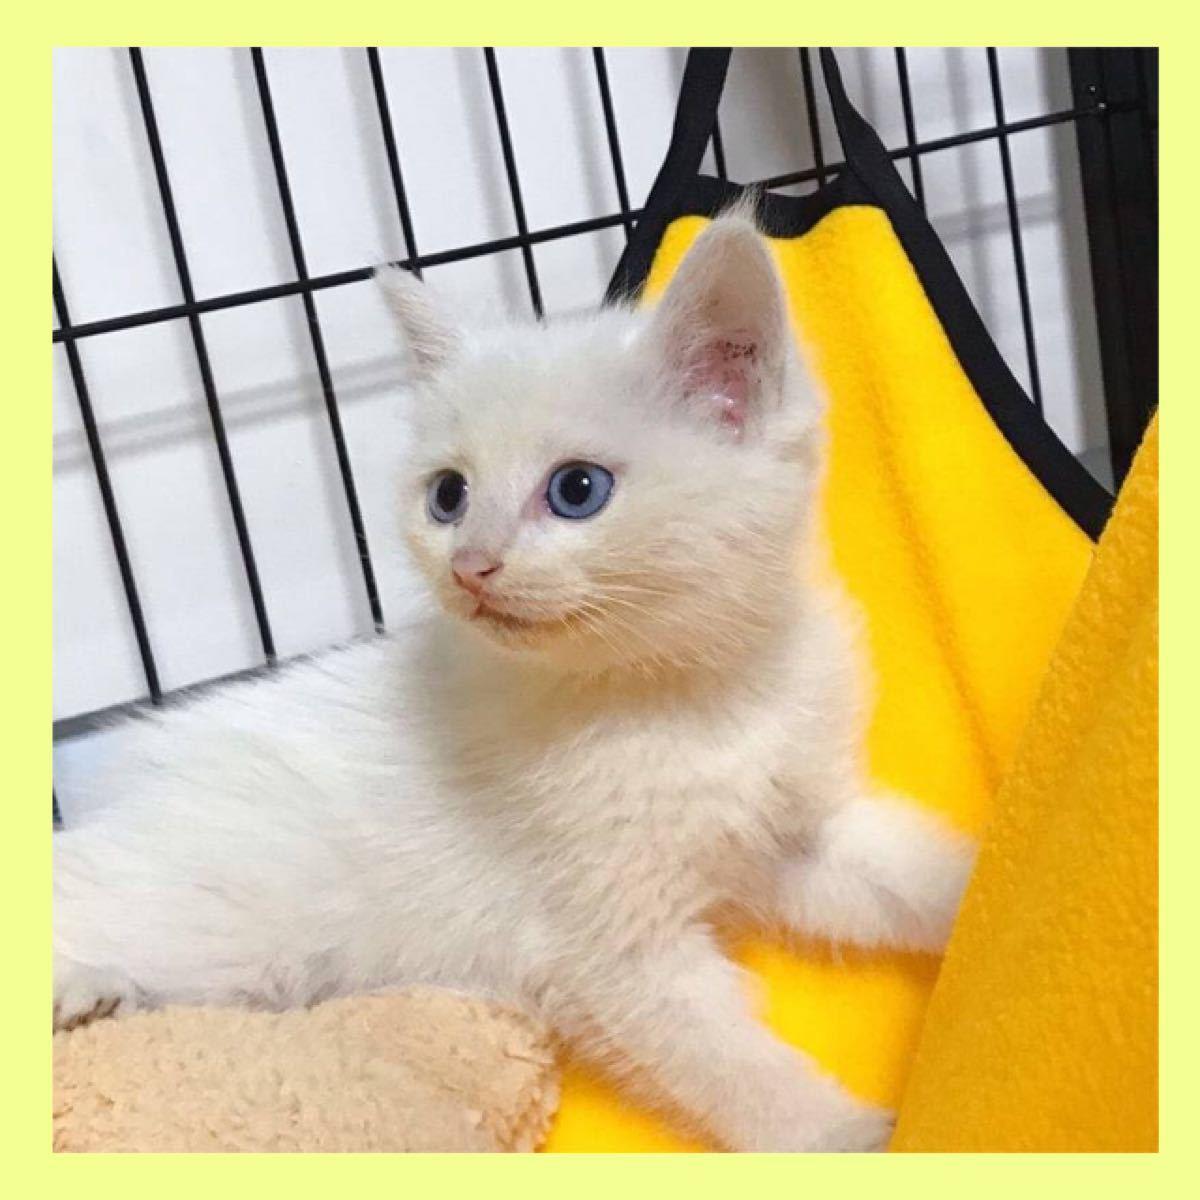 【新品未使用】猫ちゃんハンモック フリース イエロー